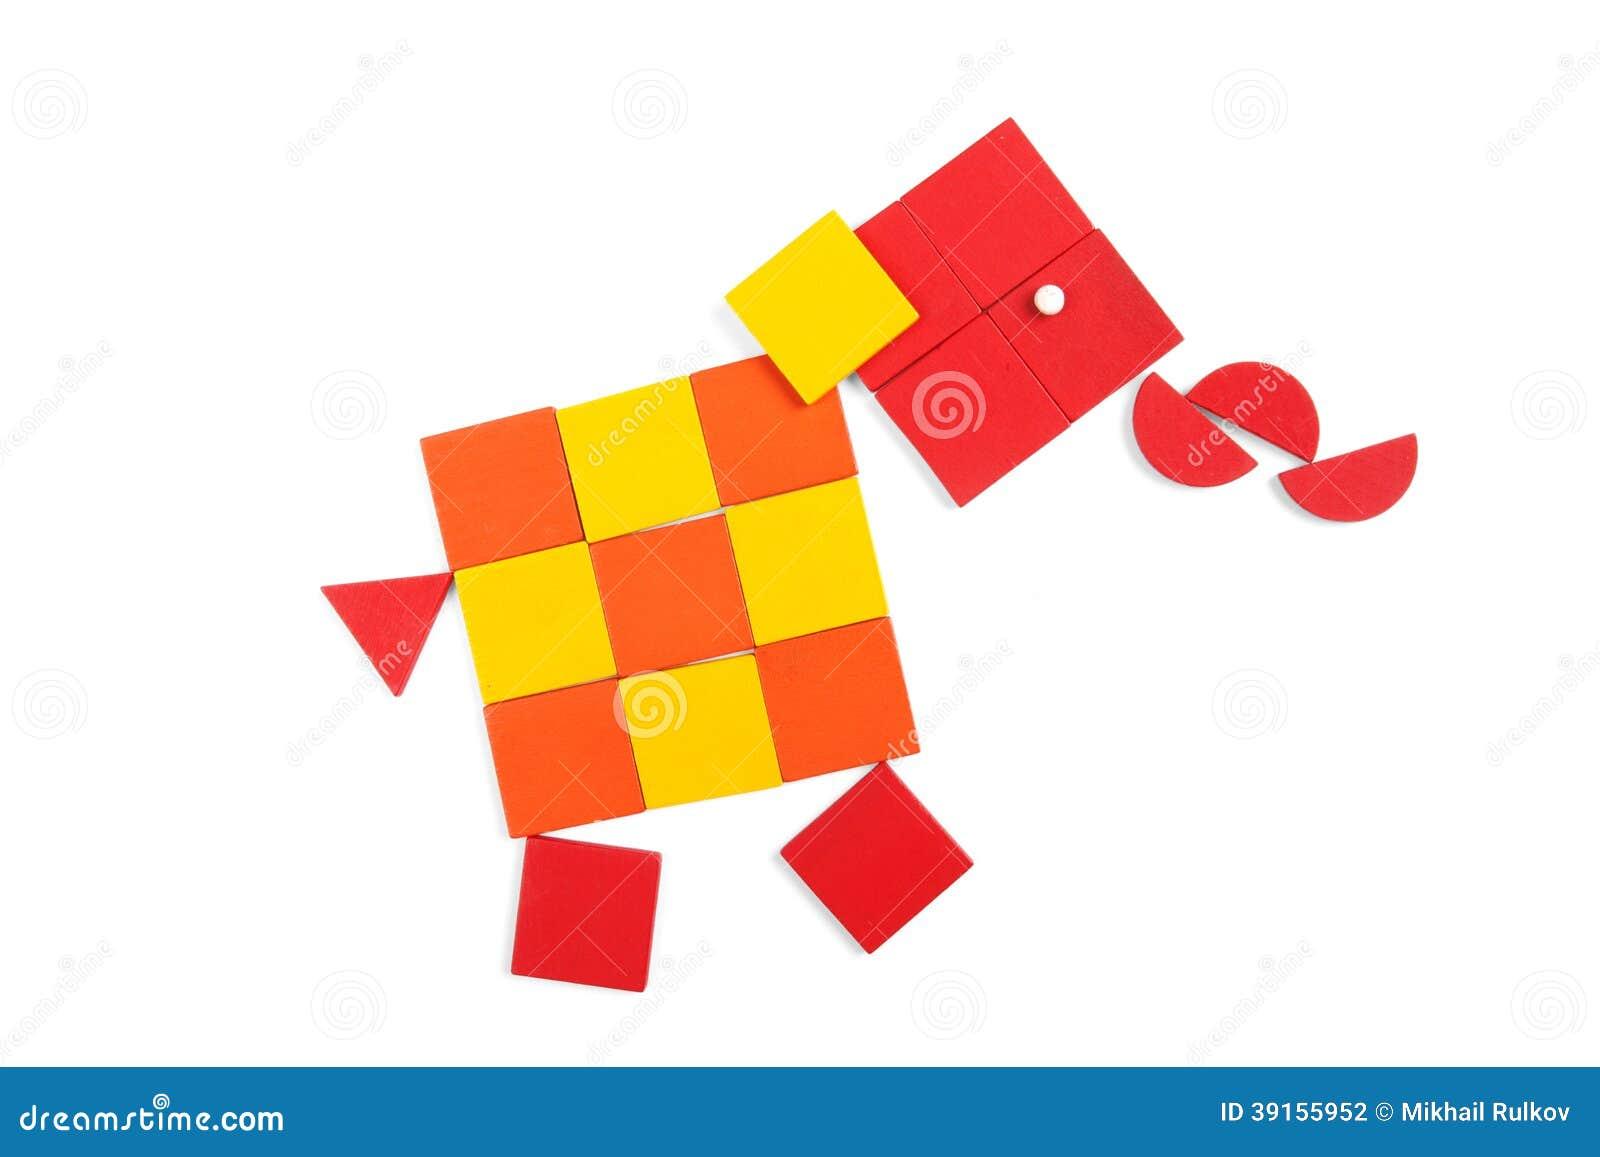 Elefante De Figuras Geométricas Stock De Ilustración Ilustración